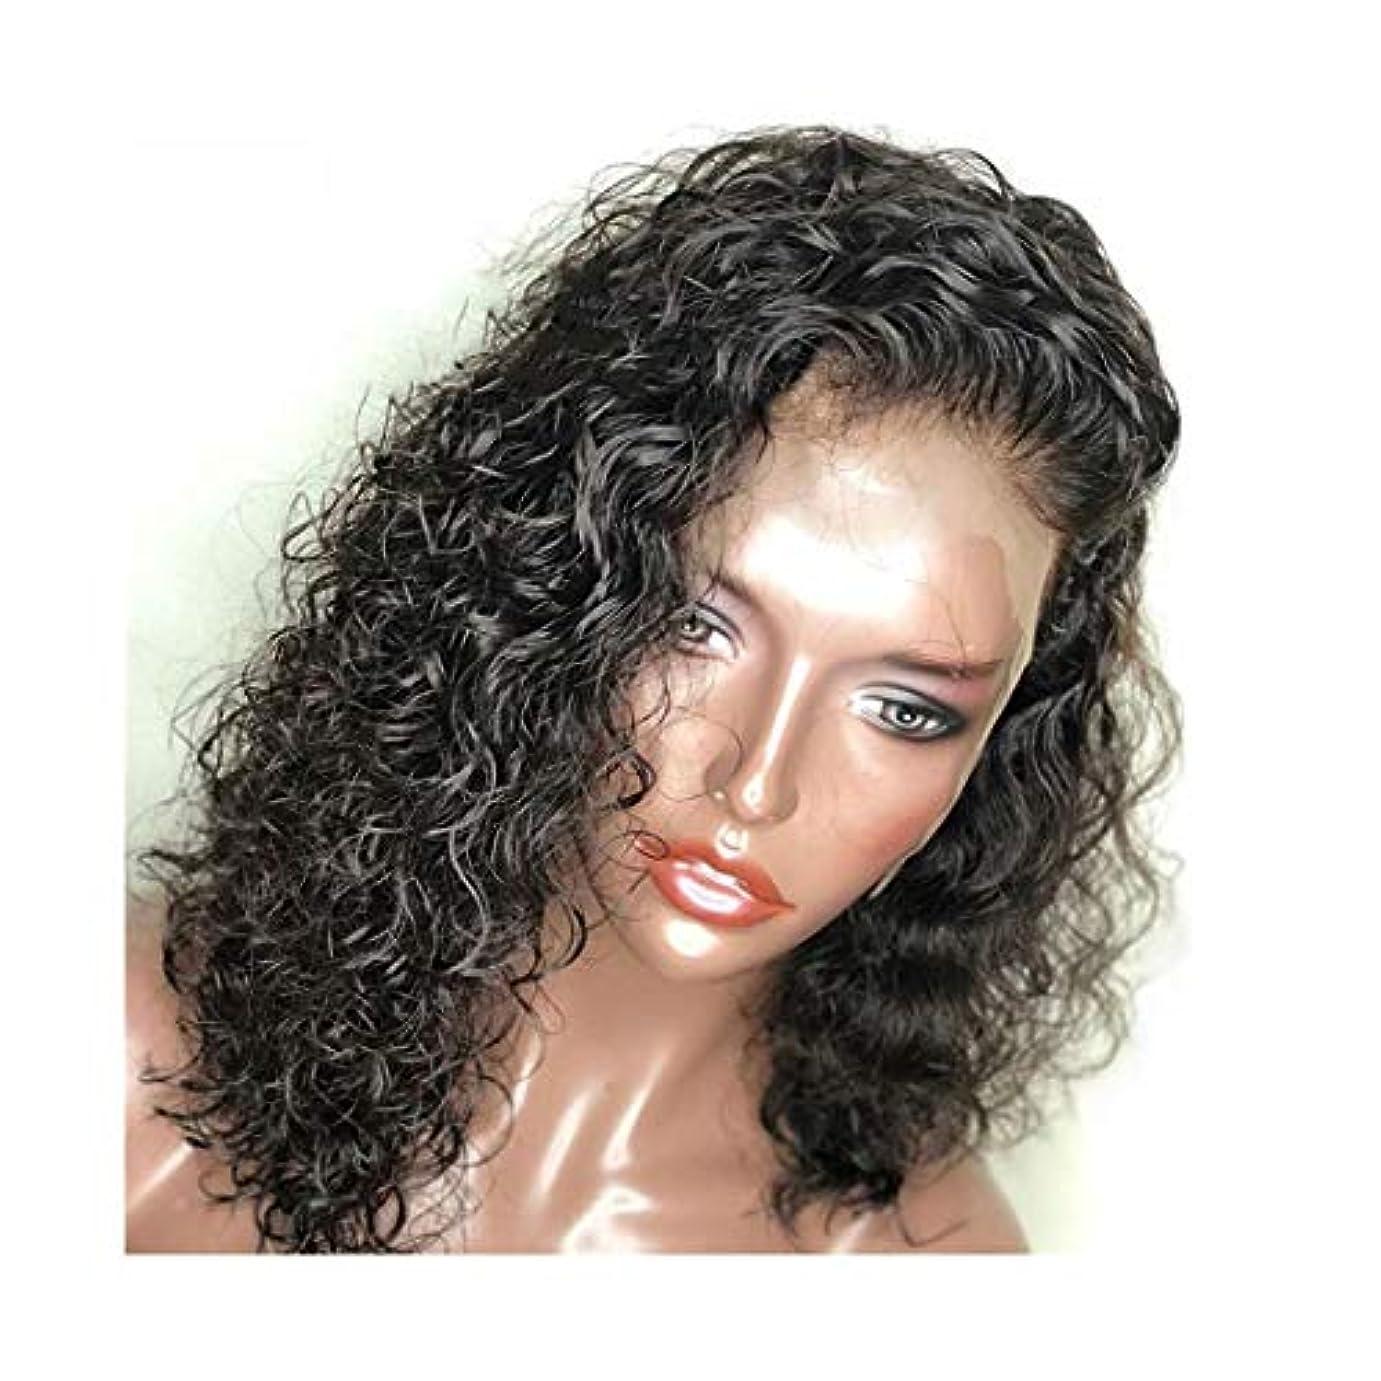 流行コーデリア打ち上げるYOUQIU 1パック黒ショートヘアウィッグ、レディースセクシーカーリーヘアフロントレースケミカルショートカーリーヘアウィッグウィッグ (色 : 写真の通り)